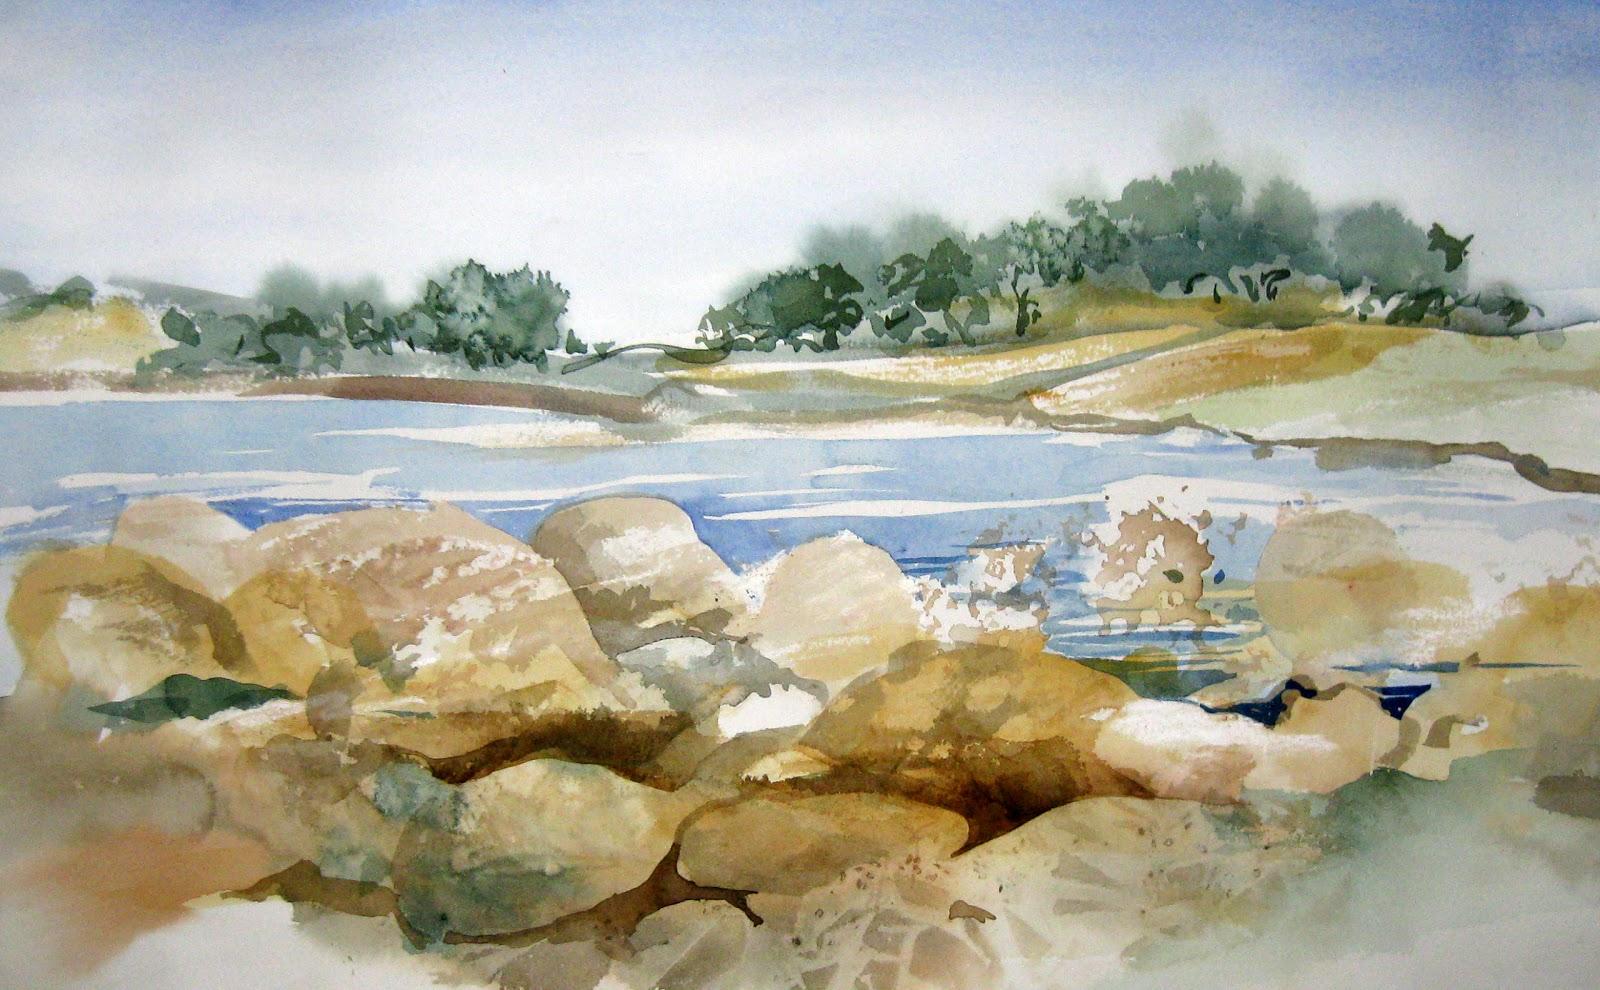 Art i do2012 - 2 1